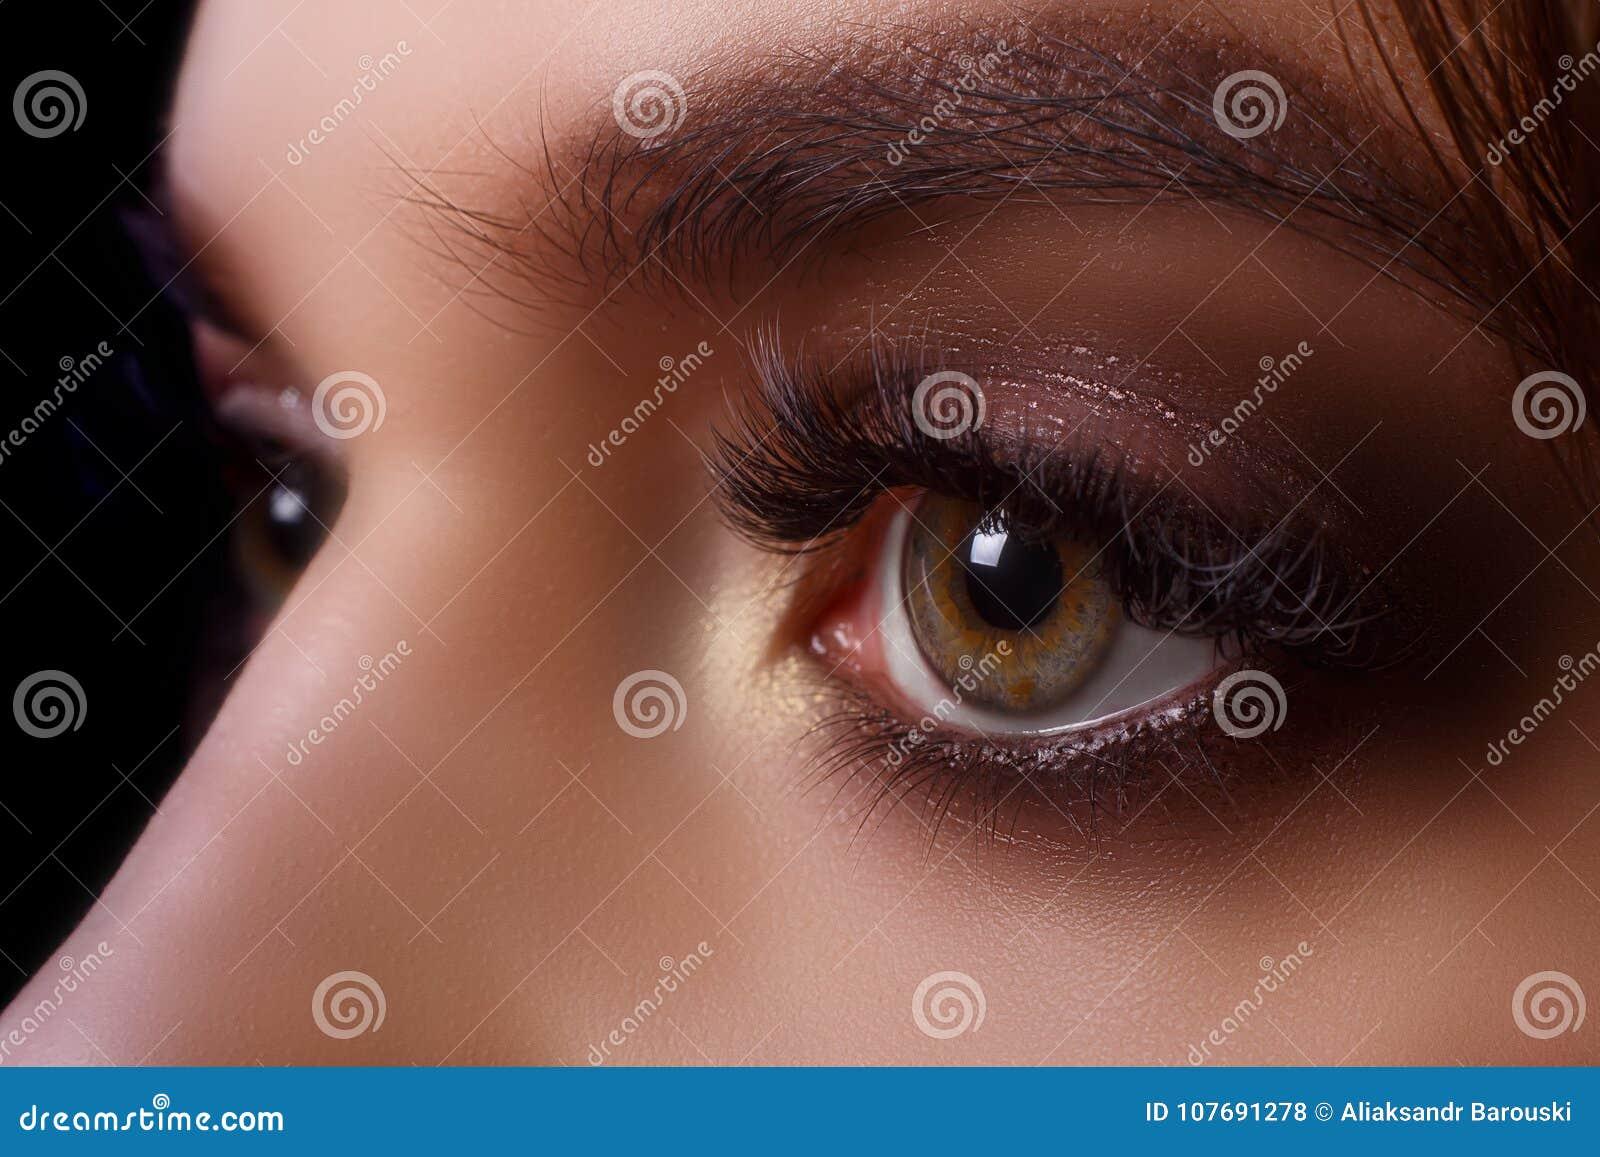 Procedimento da extensão da pestana Olho da mulher com as pestanas longas após o procedimento da extensão Pestanas brancas Fundo